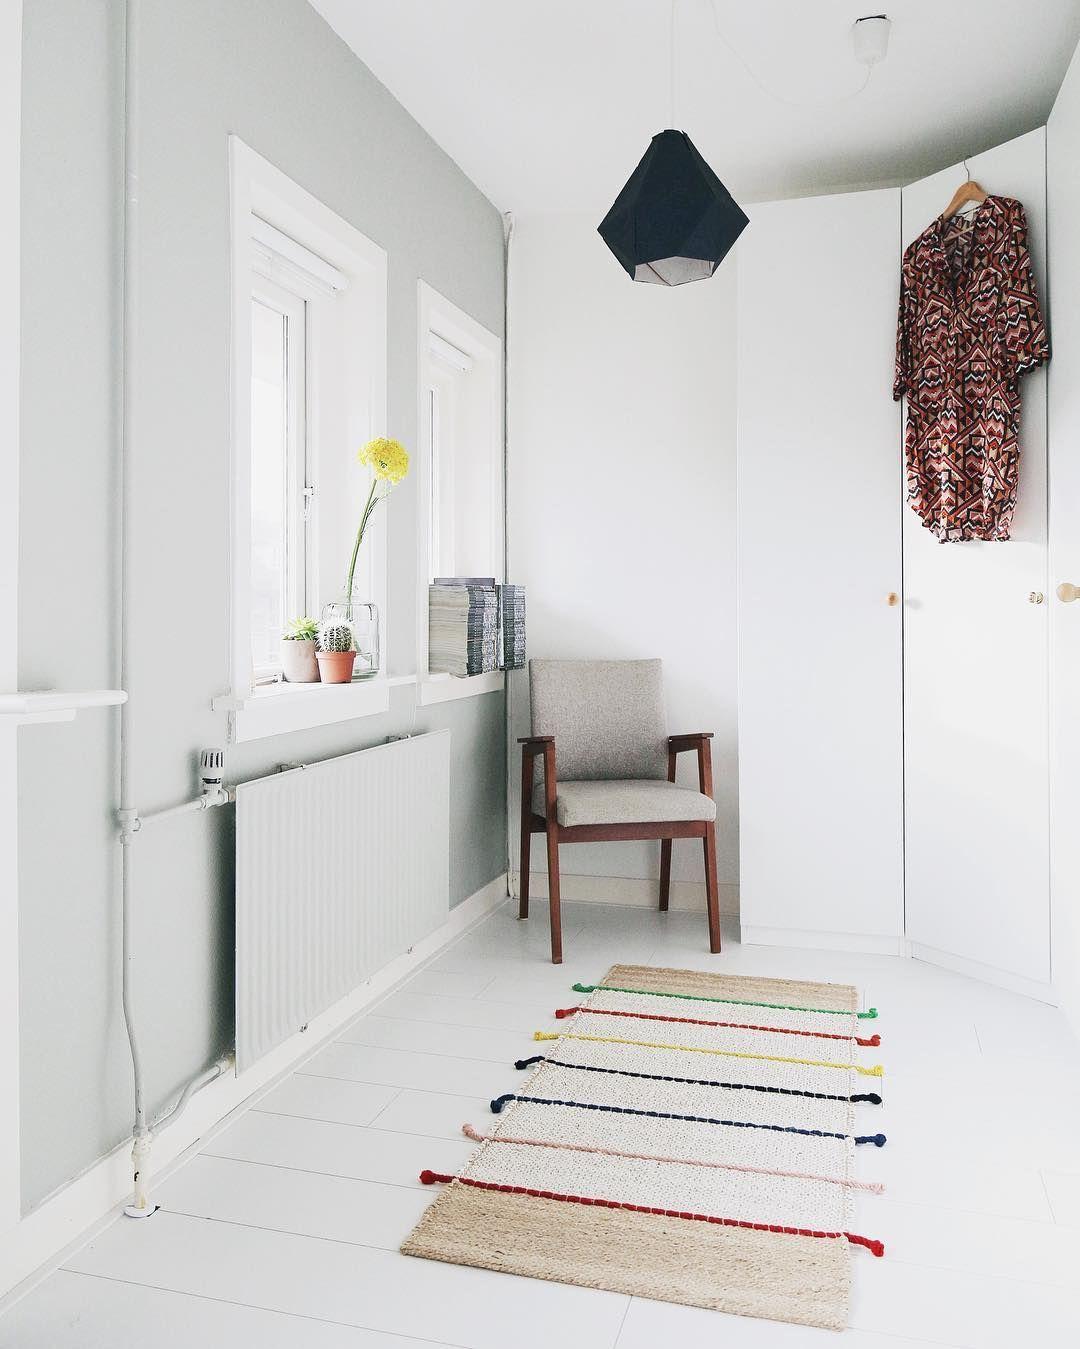 Het TILST vloerkleed bij @donebymyselfblog | #IKEABijMijThuis IKEA ...